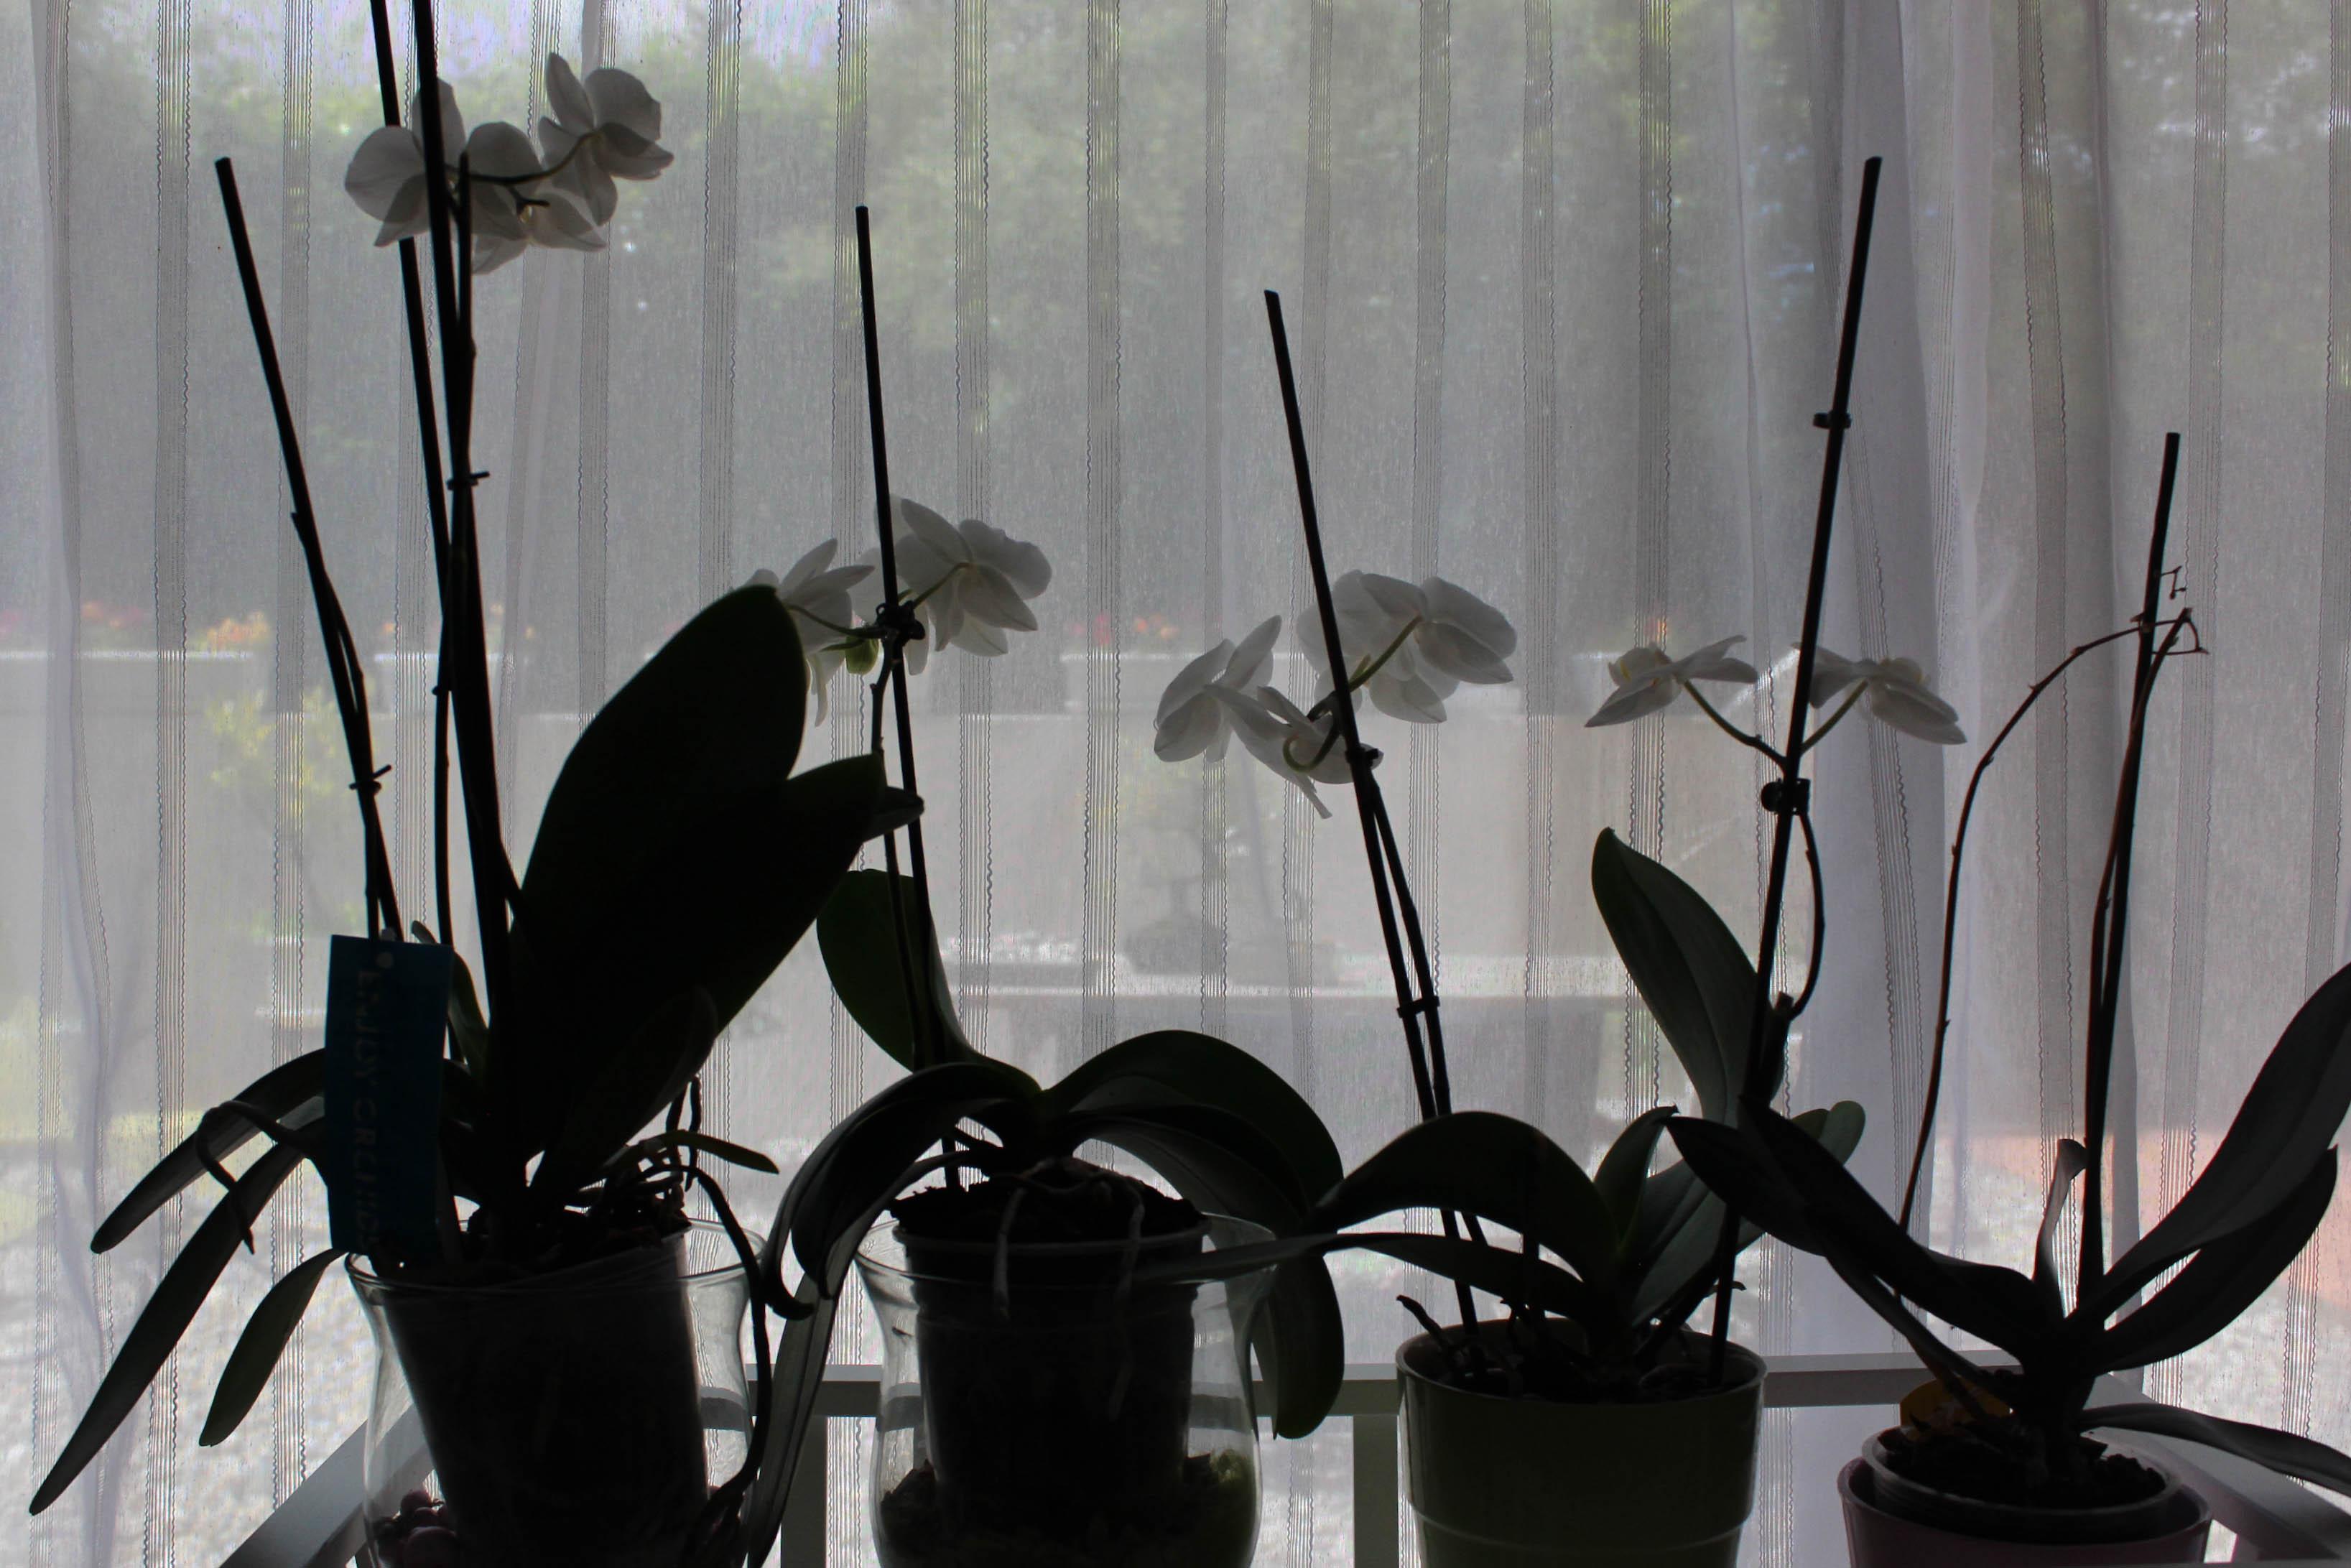 Mes orchidées en fleurs - les lubies de Louise (4 sur 4)